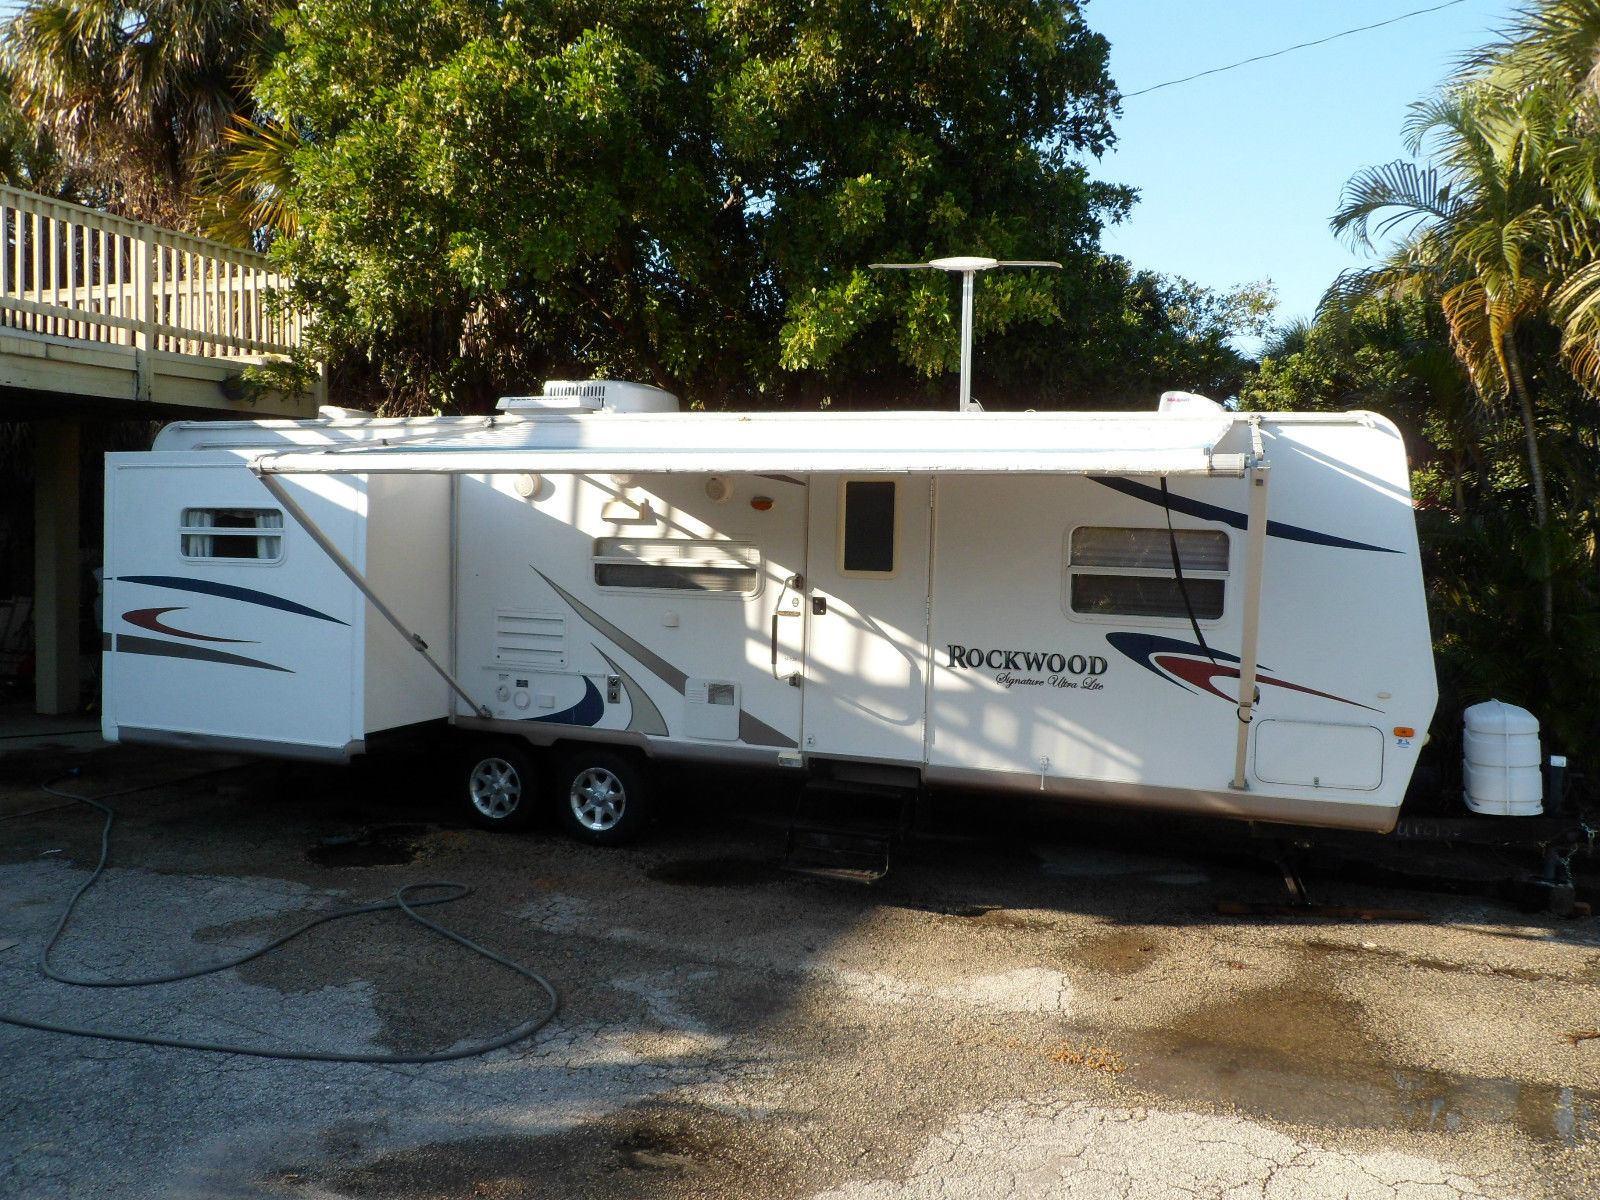 2008 Rockwood Light Weight 32′ 2 Slide outs camper trailer for sale